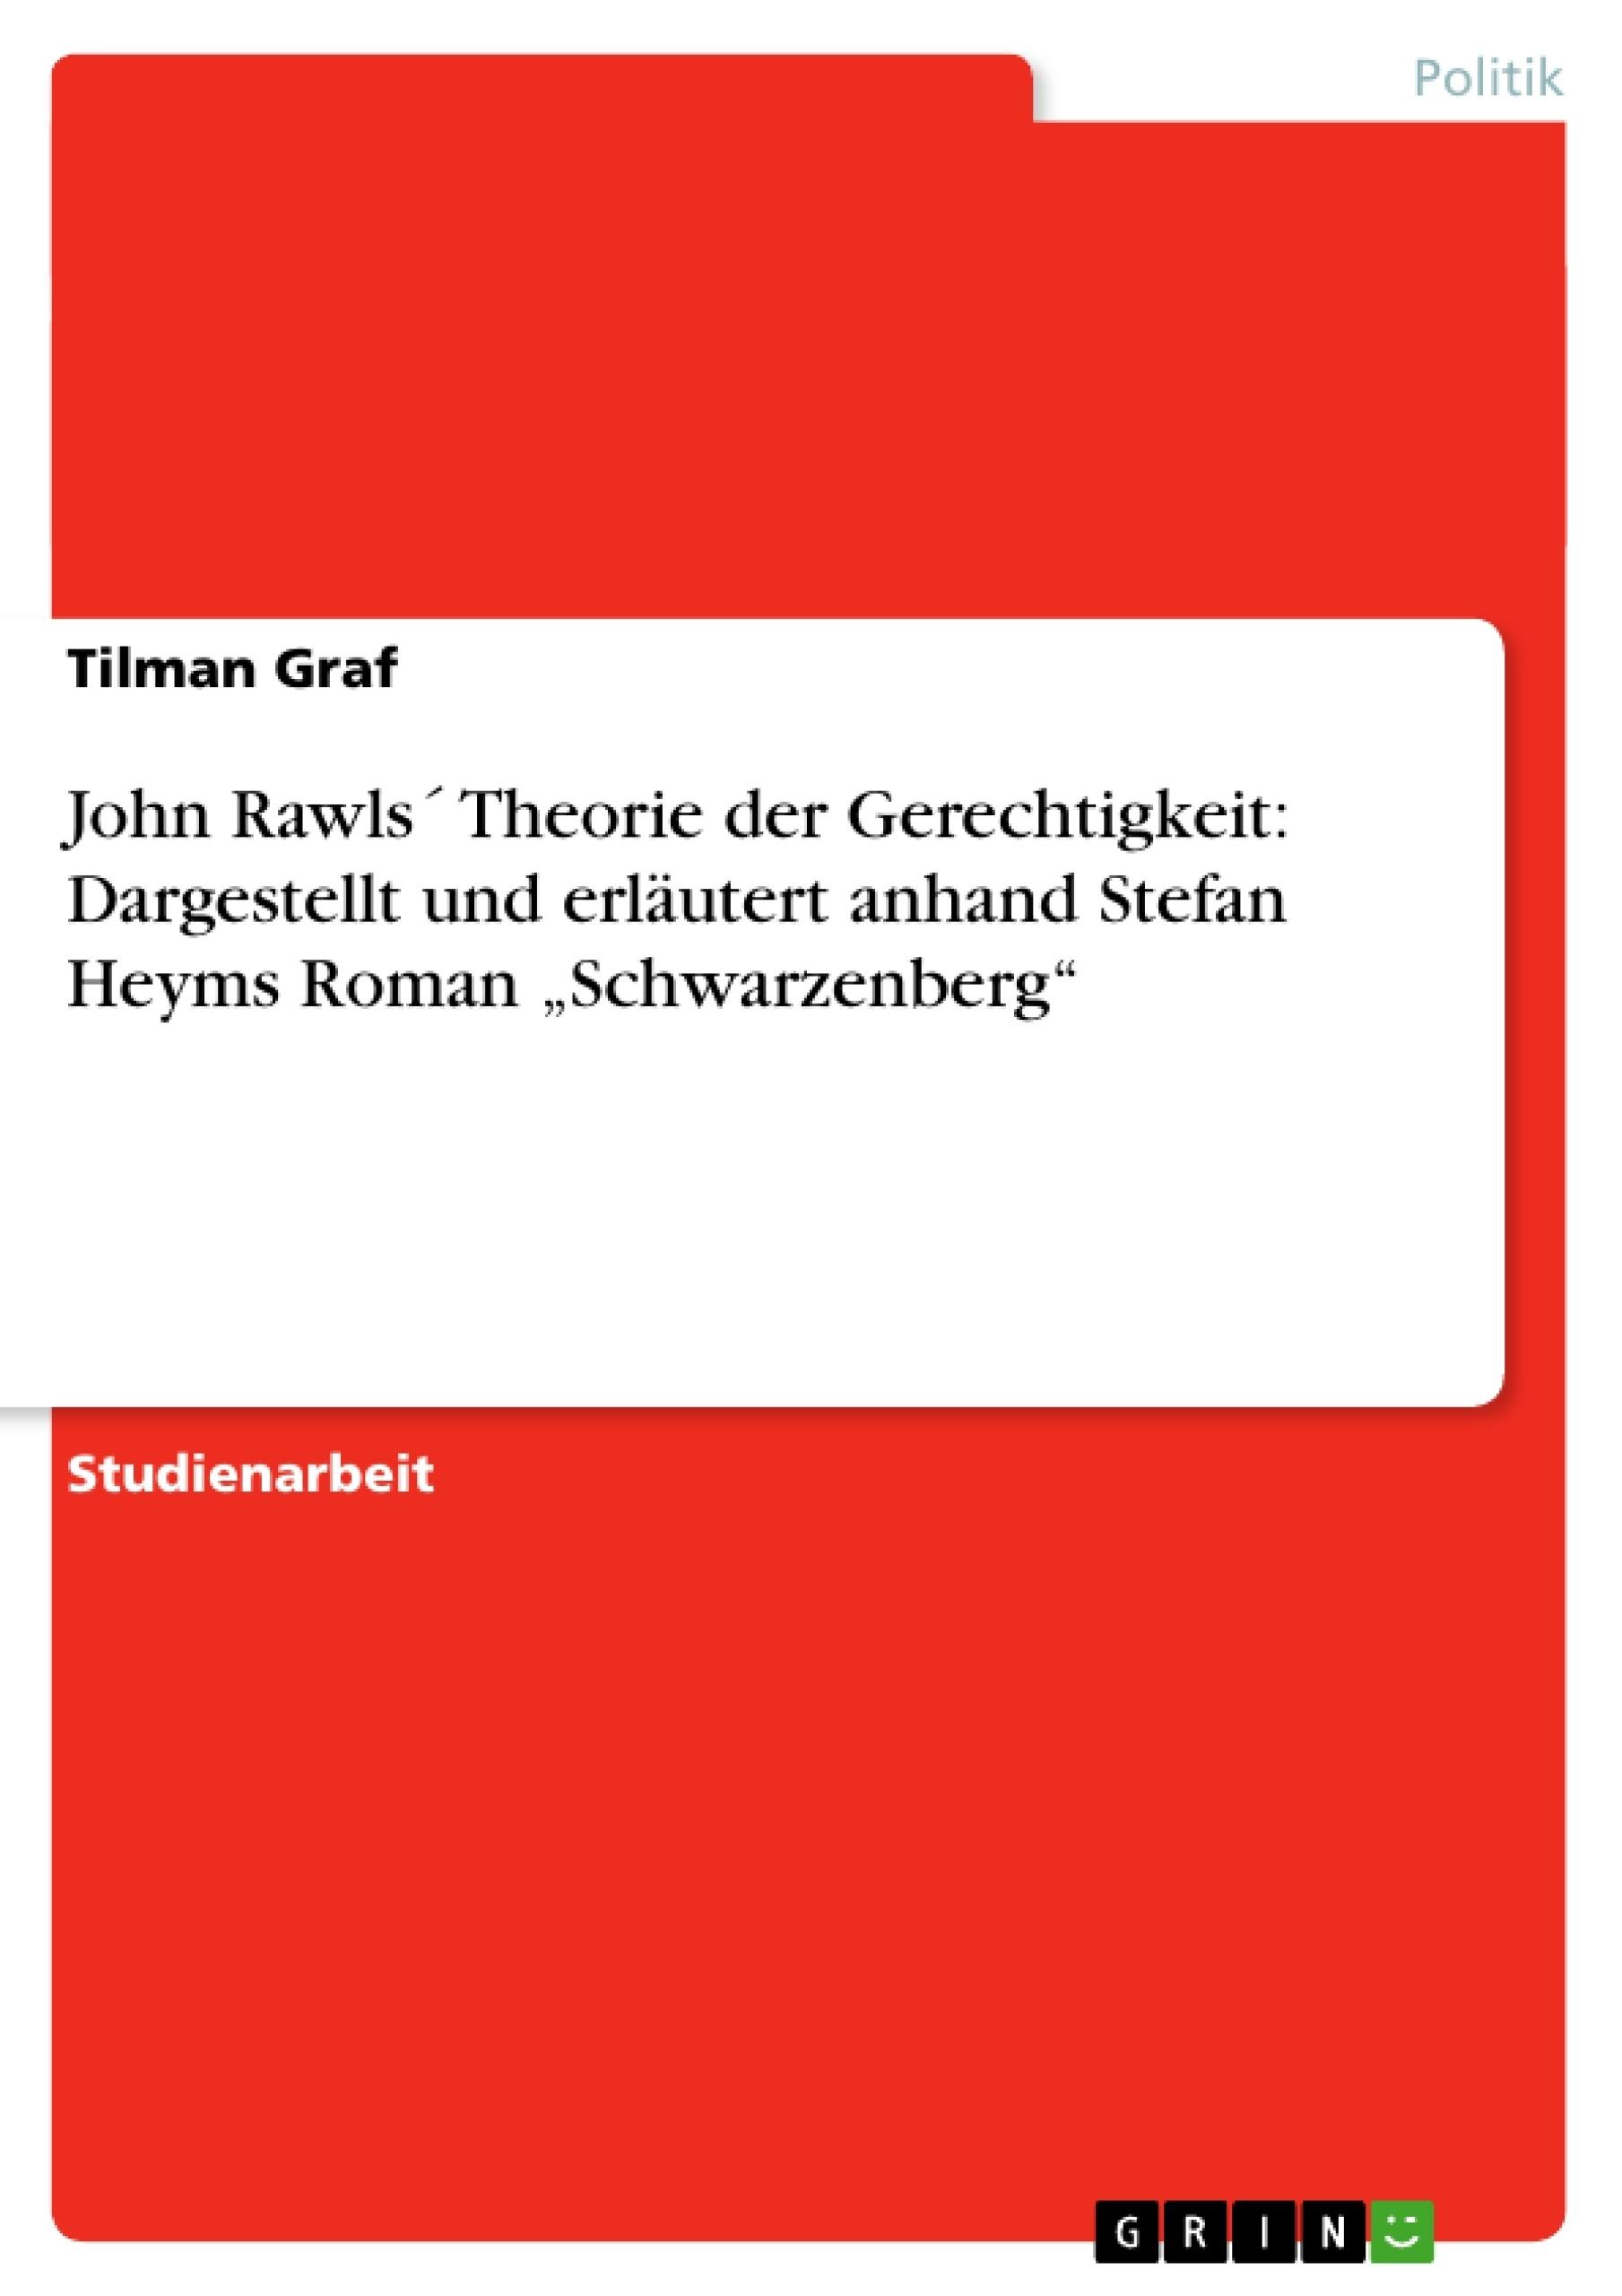 """Titel: John Rawls´ Theorie der Gerechtigkeit: Dargestellt und erläutert anhand Stefan Heyms Roman """"Schwarzenberg"""""""